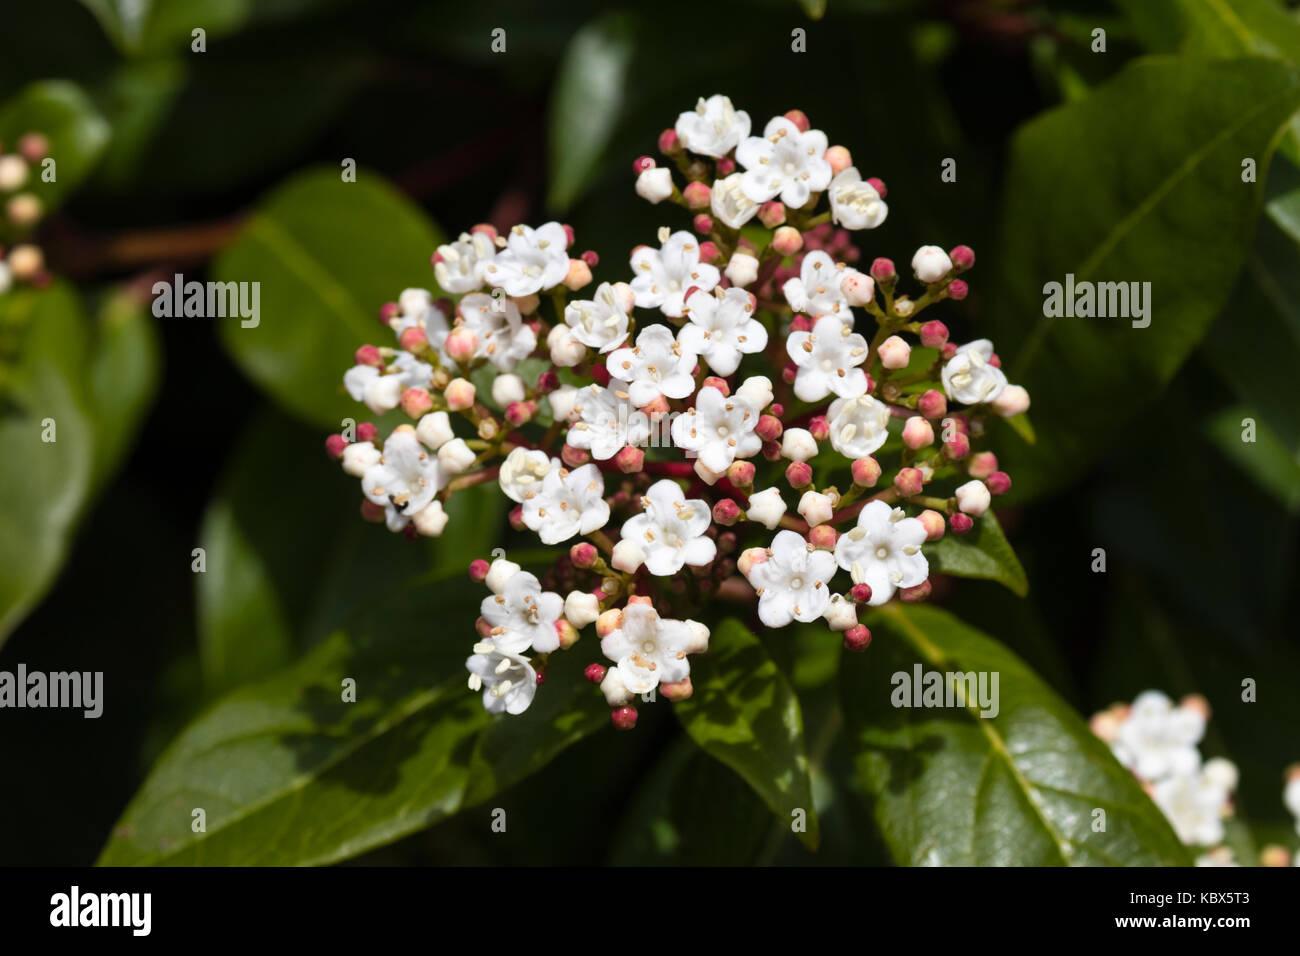 Weiß Herbst Blumen Der laurustinus winterharte immergrüne Strauch